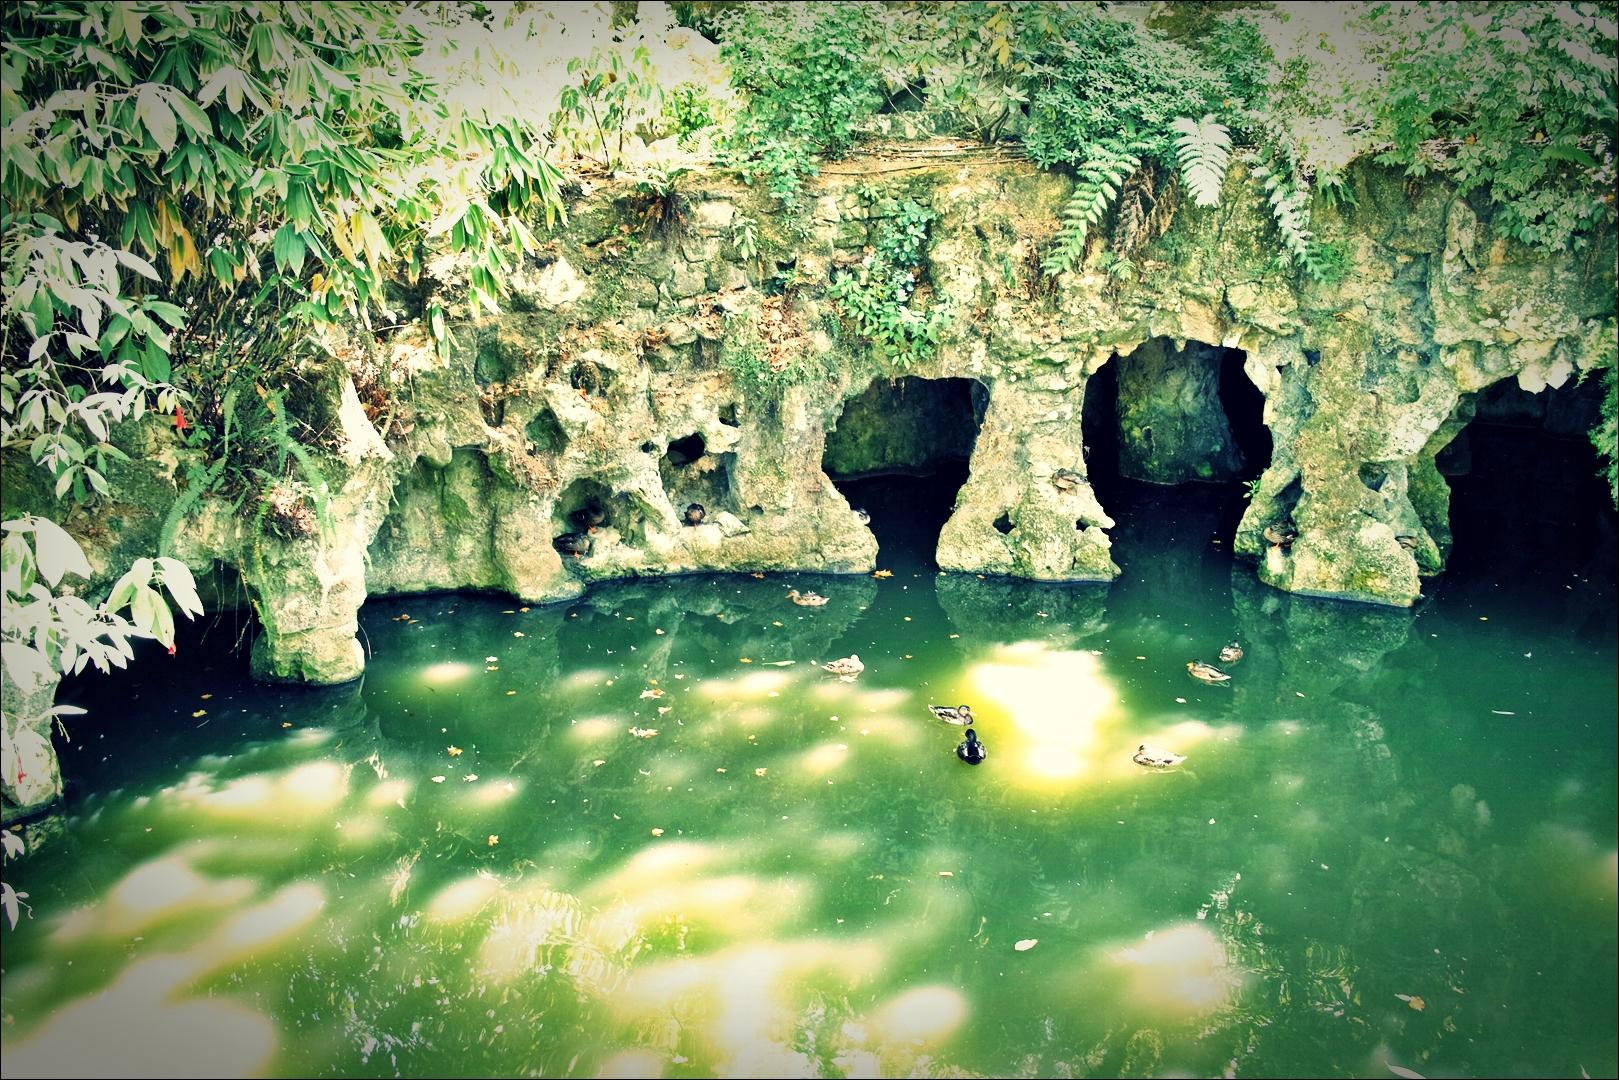 호수-'헤갈레이라 별장(Quinta da regaleira)'